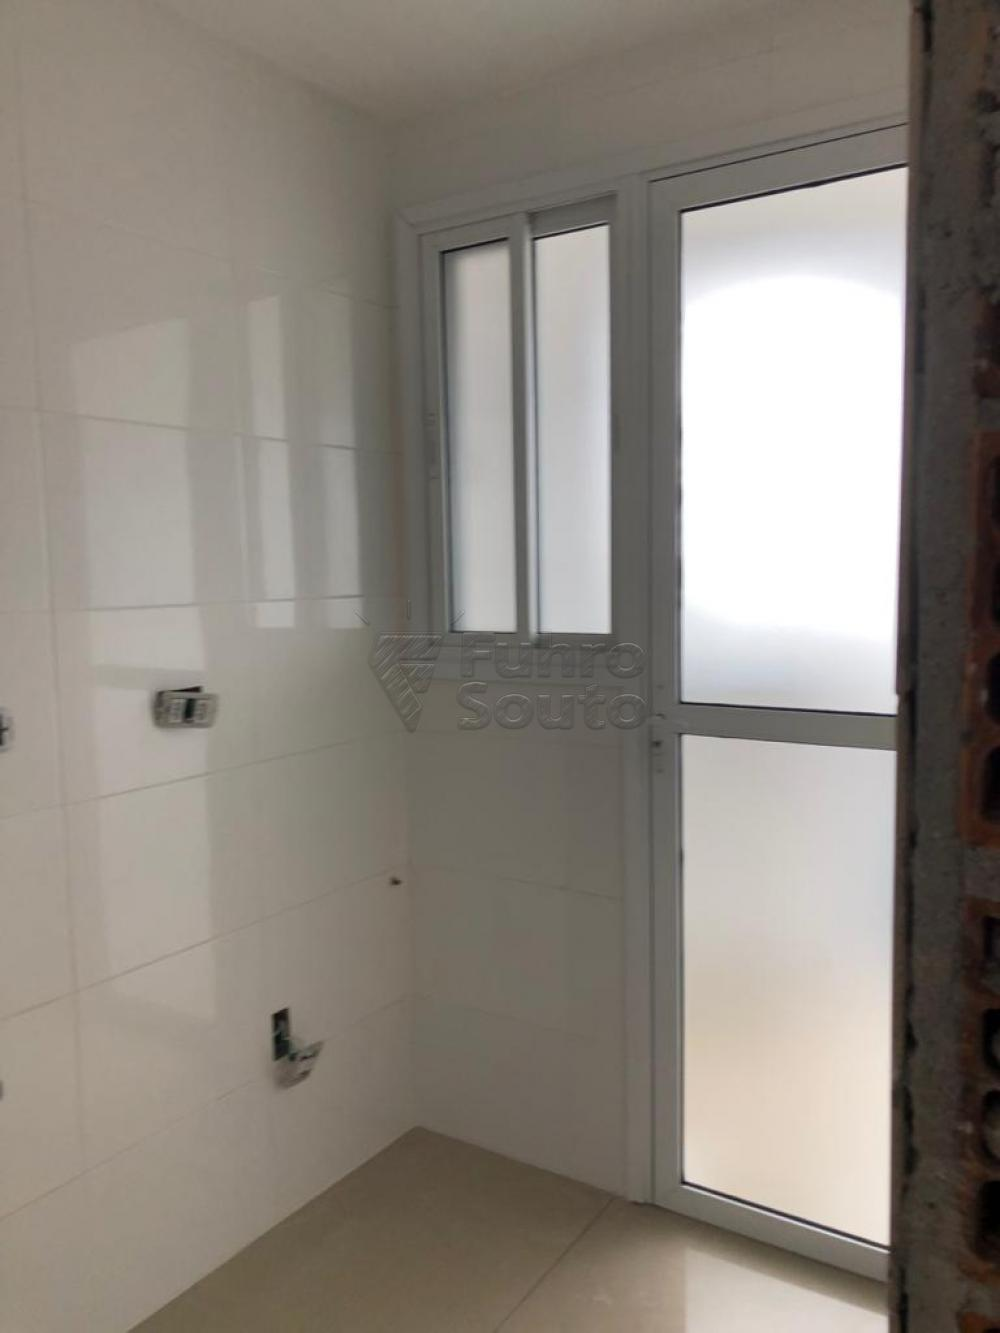 Comprar Apartamento / Loft / Studio em Pelotas R$ 185.500,00 - Foto 7